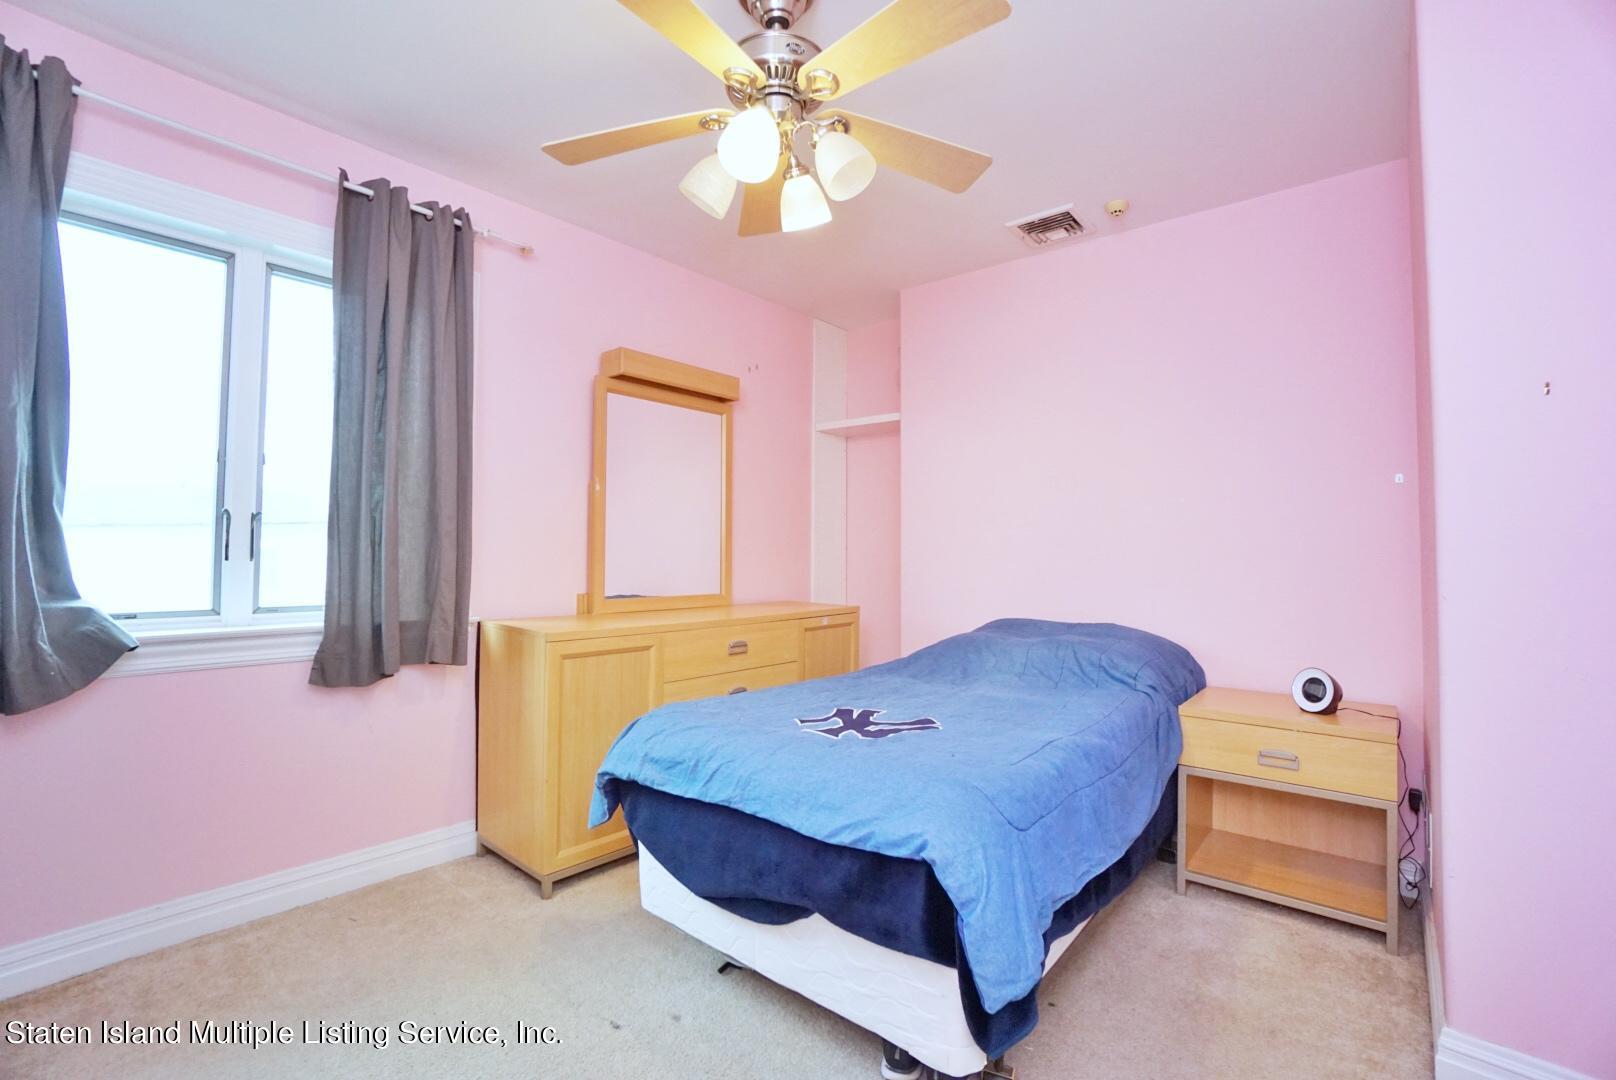 Single Family - Detached 206 Ramapo Avenue  Staten Island, NY 10309, MLS-1147193-24